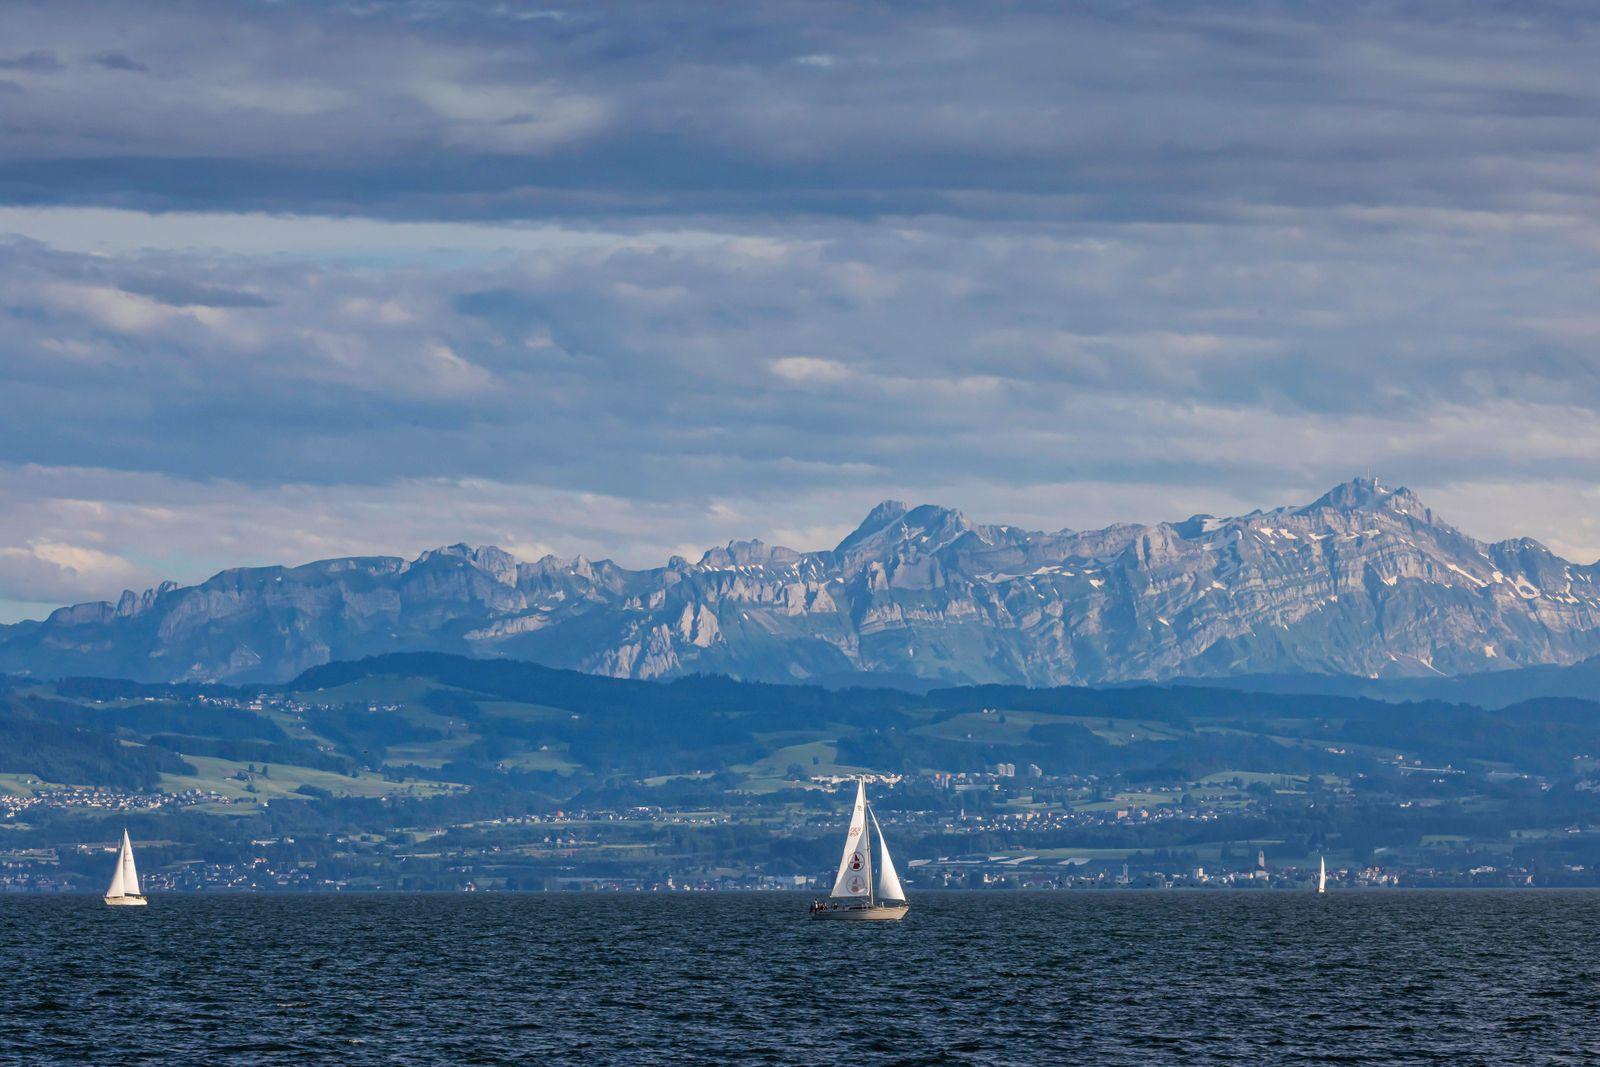 Segelboot auf dem Bodensee. Im Hintergrund die Alpen mit dem Schweizer Ufer. // 05.07.2021: DEU, Deutschland, Baden-Würt